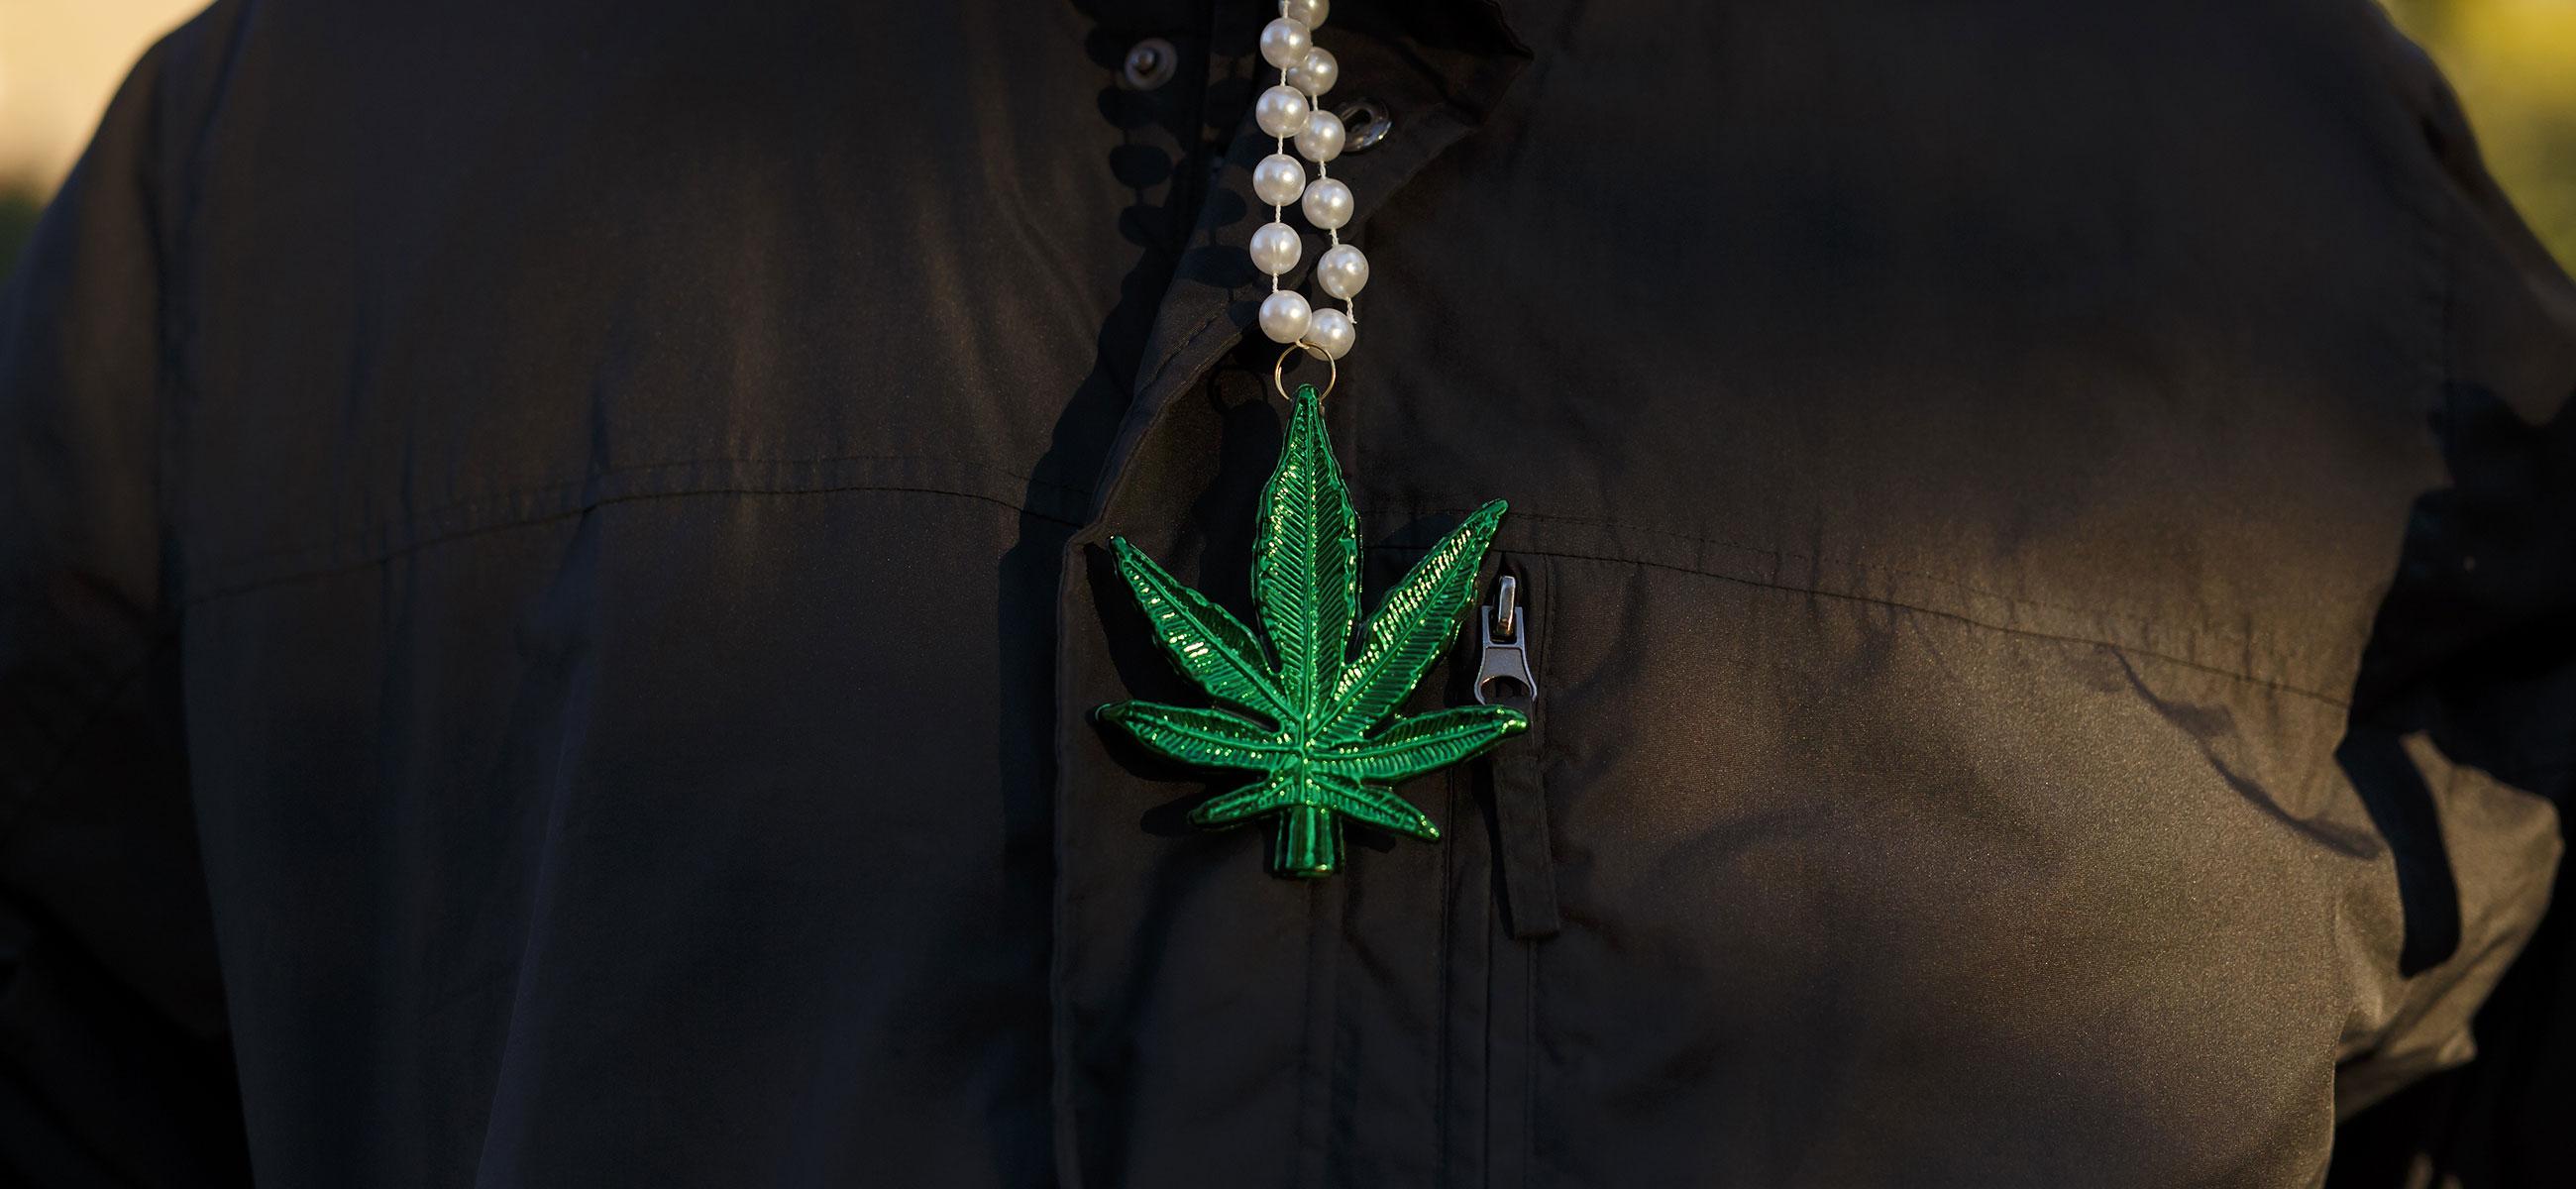 Заказа марихуаны семя конопли купить в перми